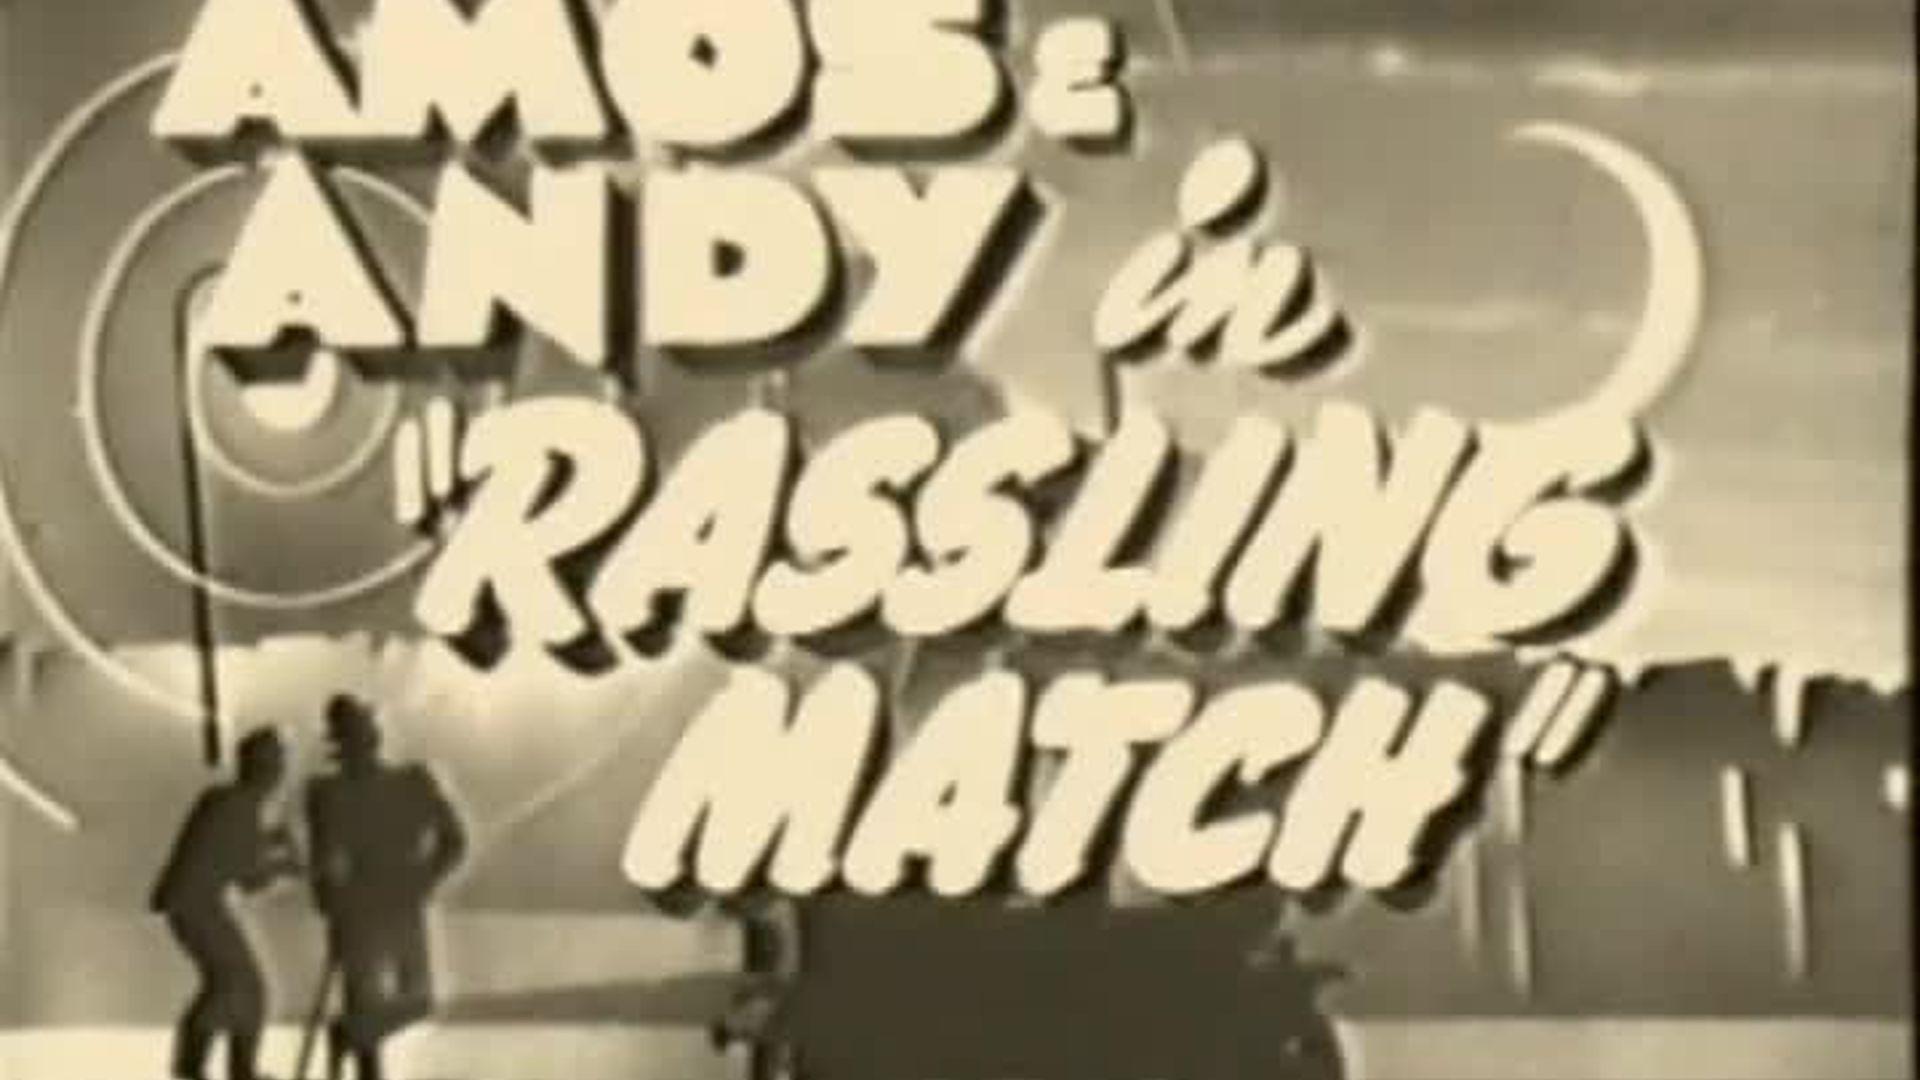 Rasslin' Match